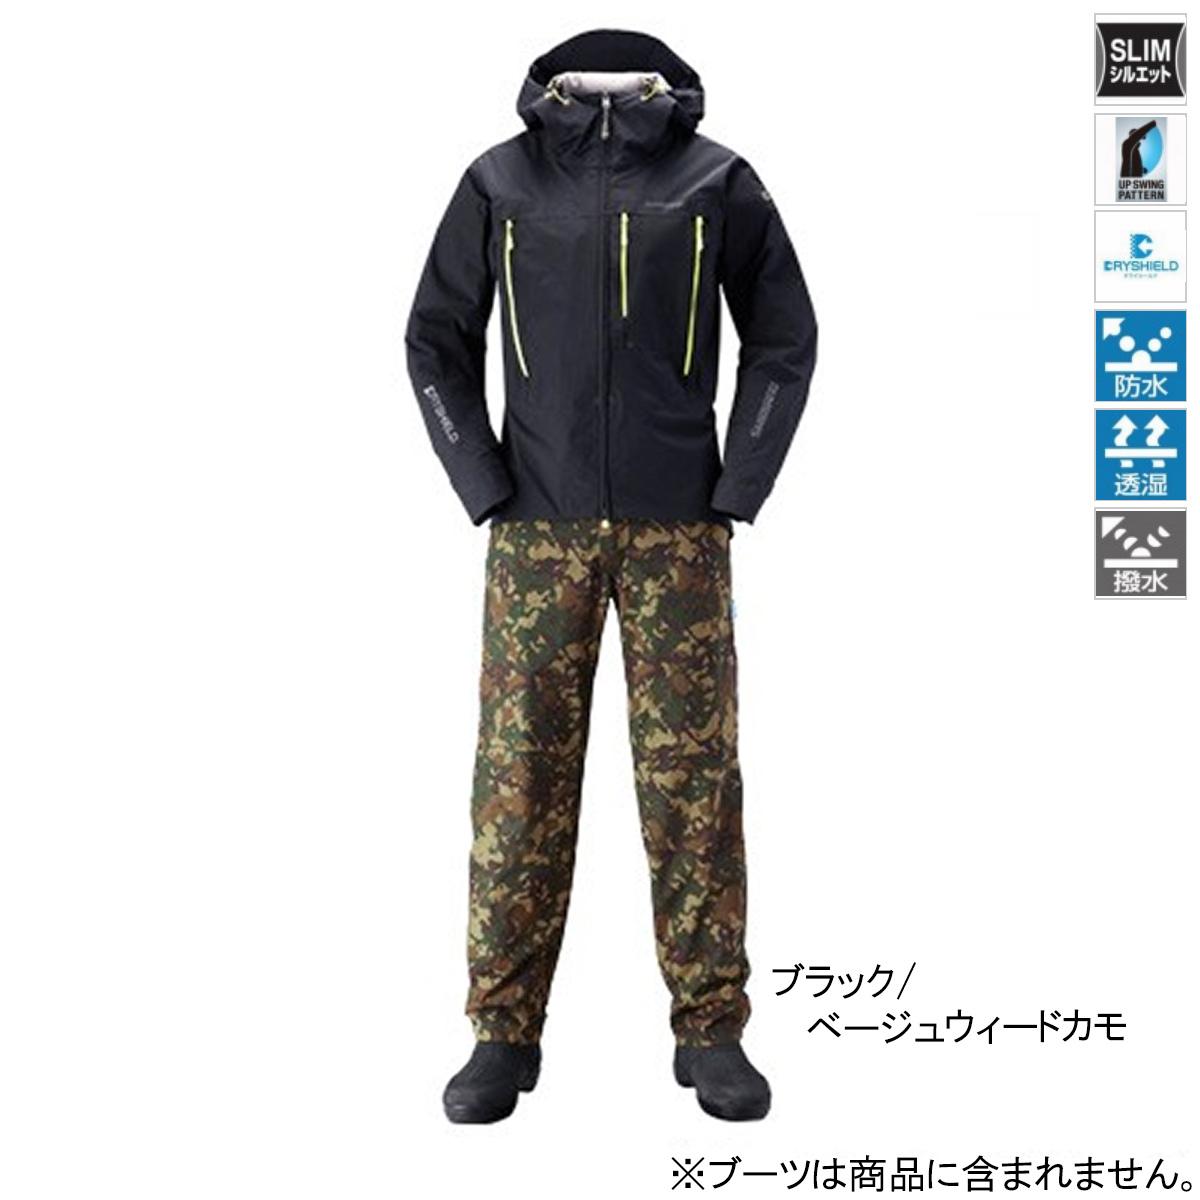 シマノ DSエクスプローラースーツ RA-024S L ブラック/ベージュウィードカモ